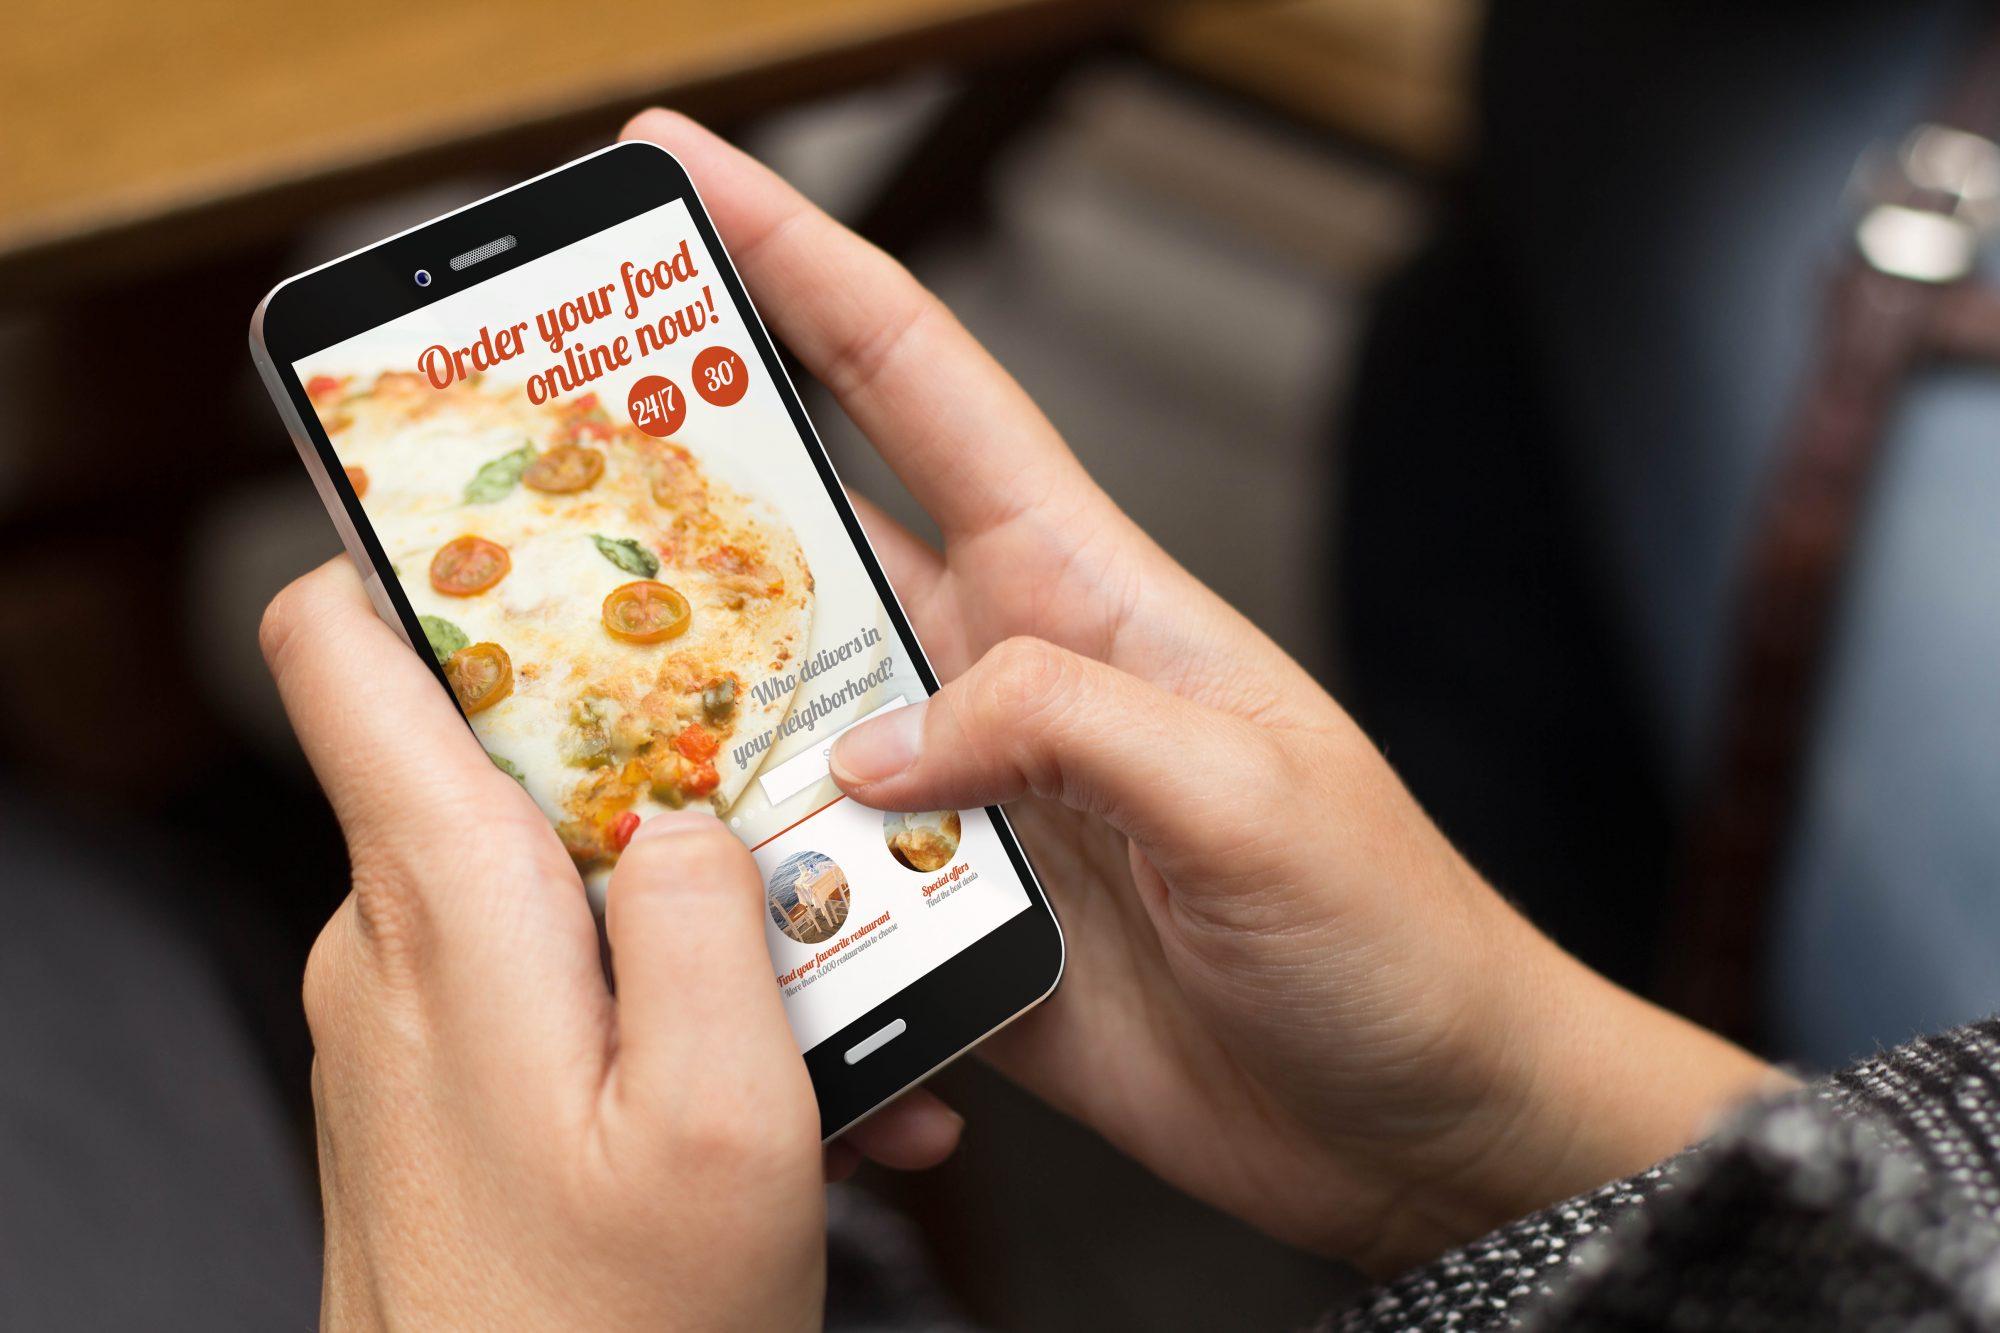 【第一回】「モバイルオーダー」は飲食店を救うサービスとなるか